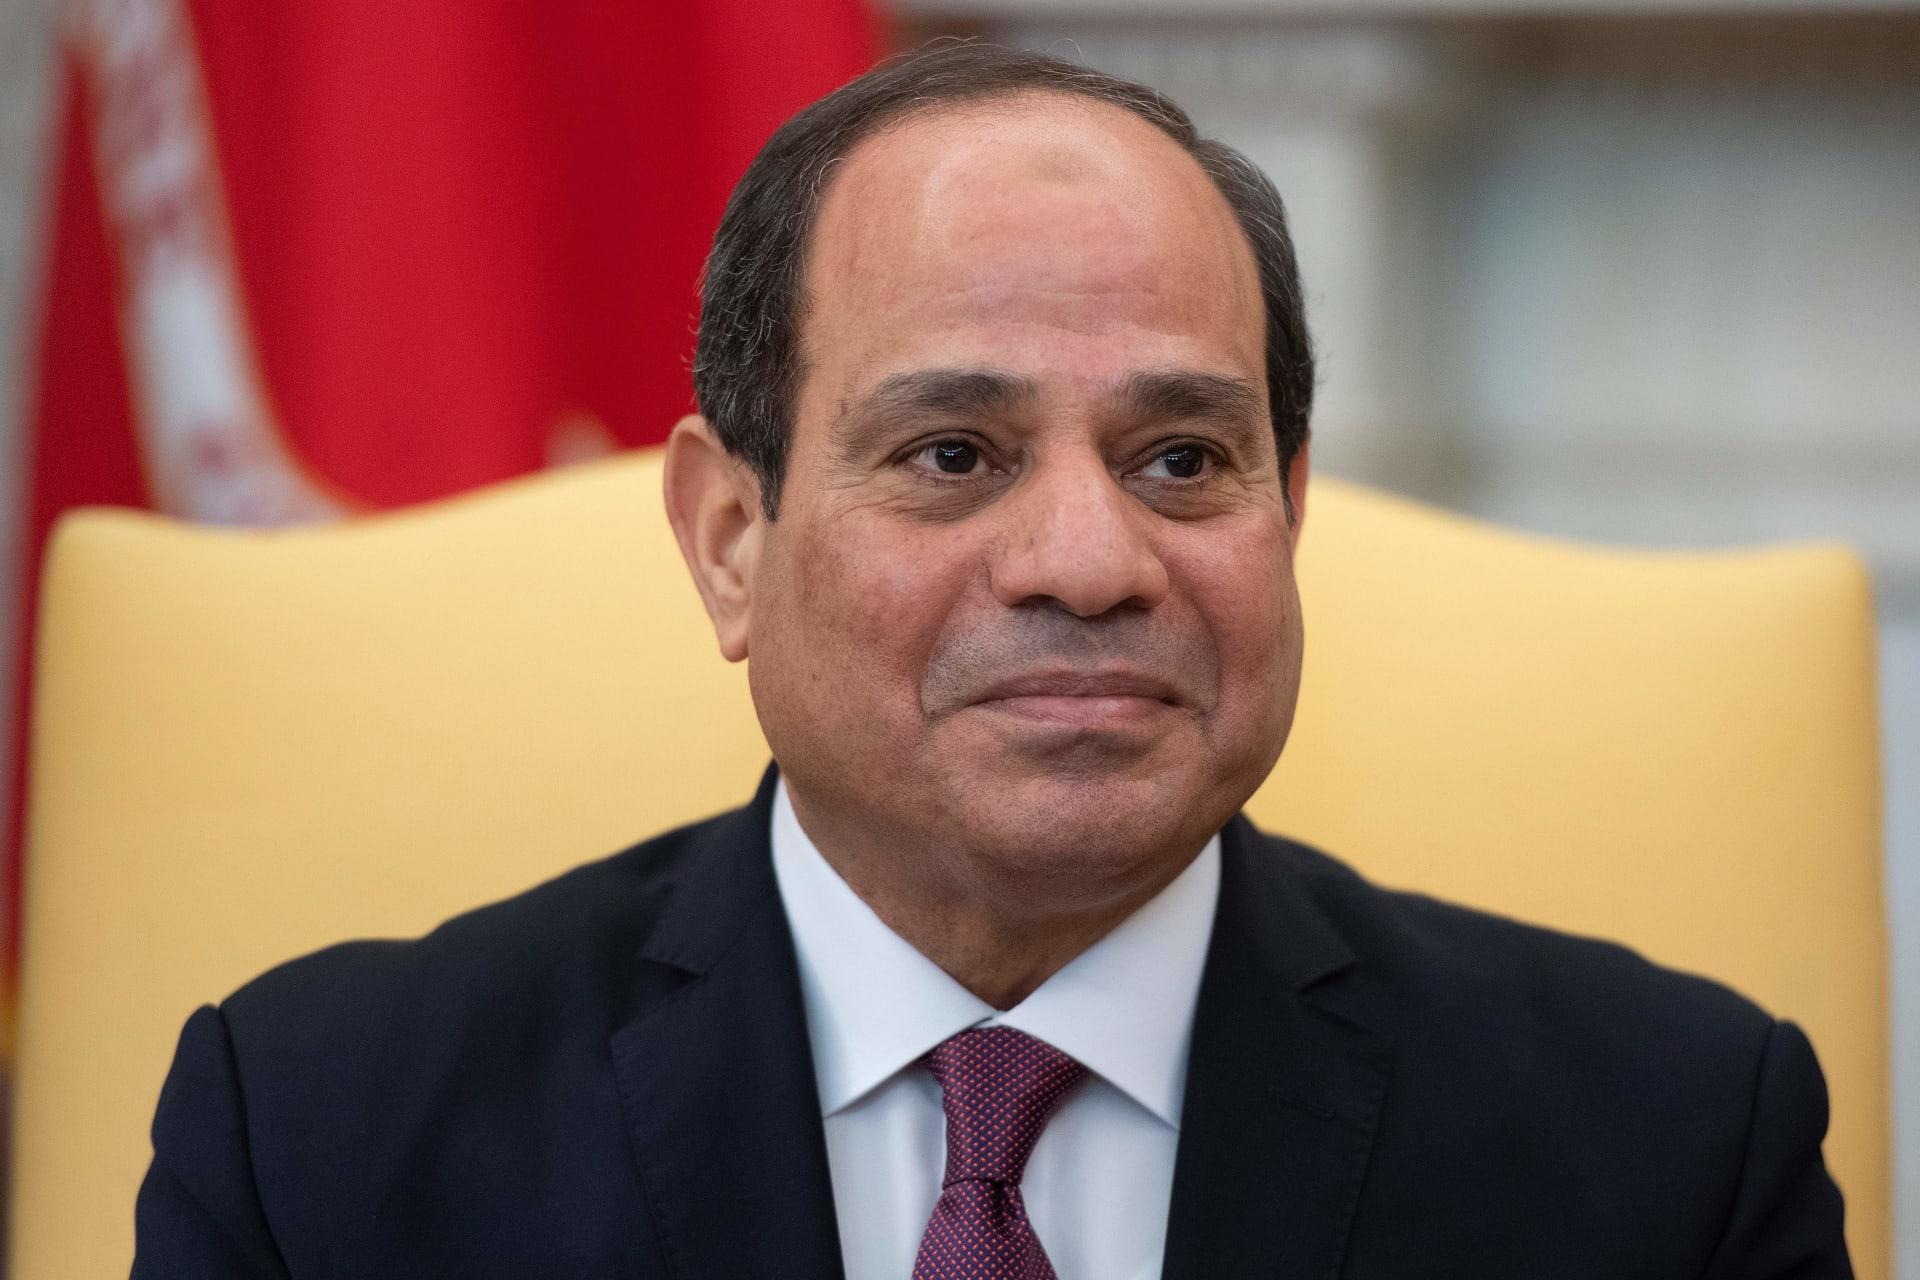 السيسي عن وضع كورونا: مصر من الدول التي ينظر العالم لتعاملها مع كورونا بدهشة